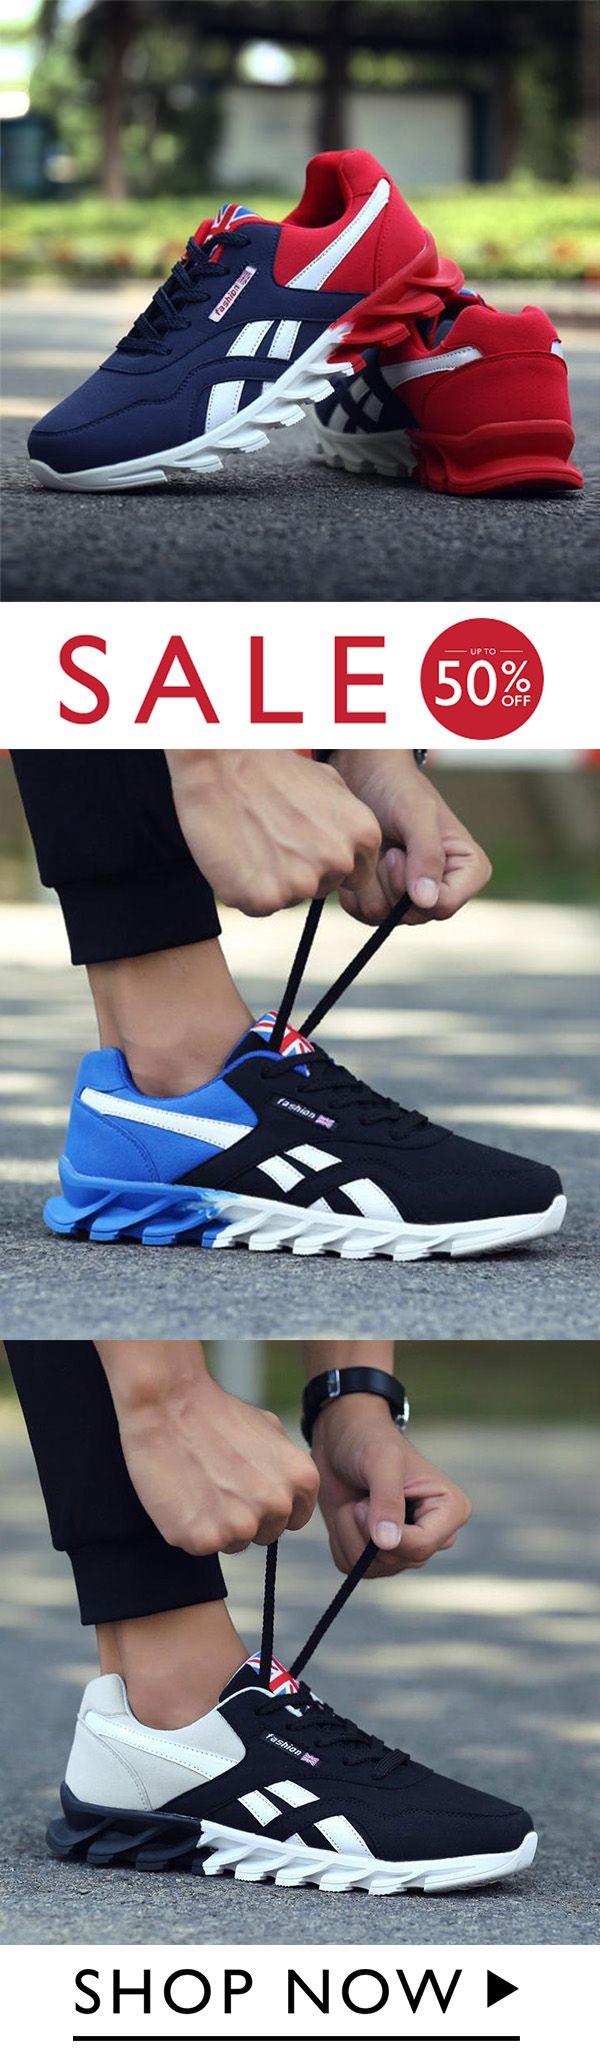 Mens Athletic Running Tennis Gym Sneakers